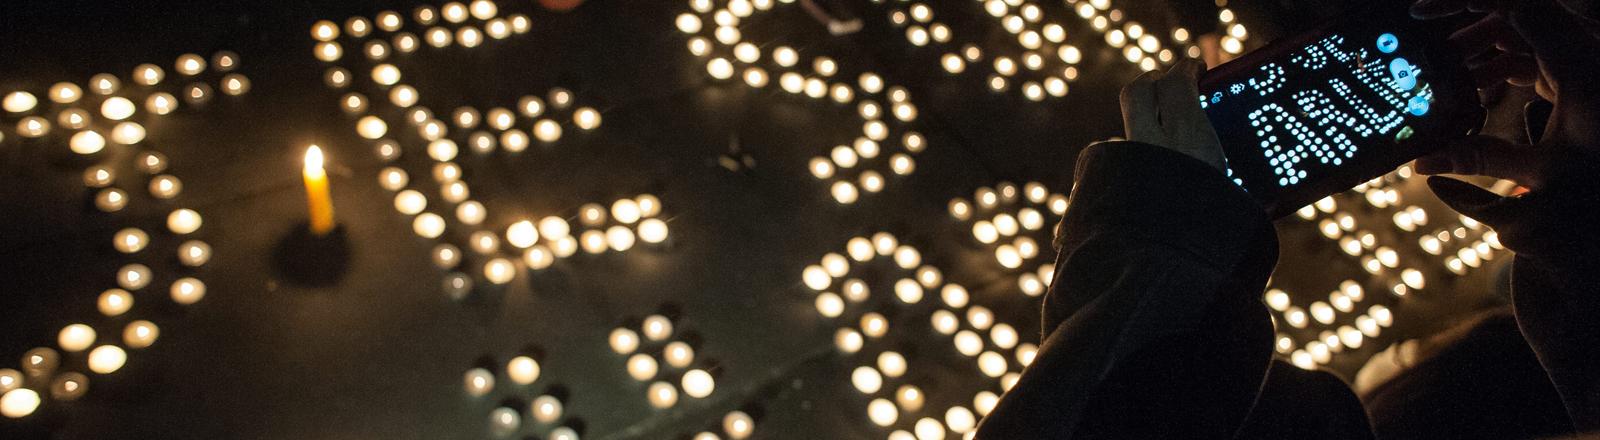 Gedenken an die Mordopfer von Charlie Hebdo auf dem Place de la Republique in Paris